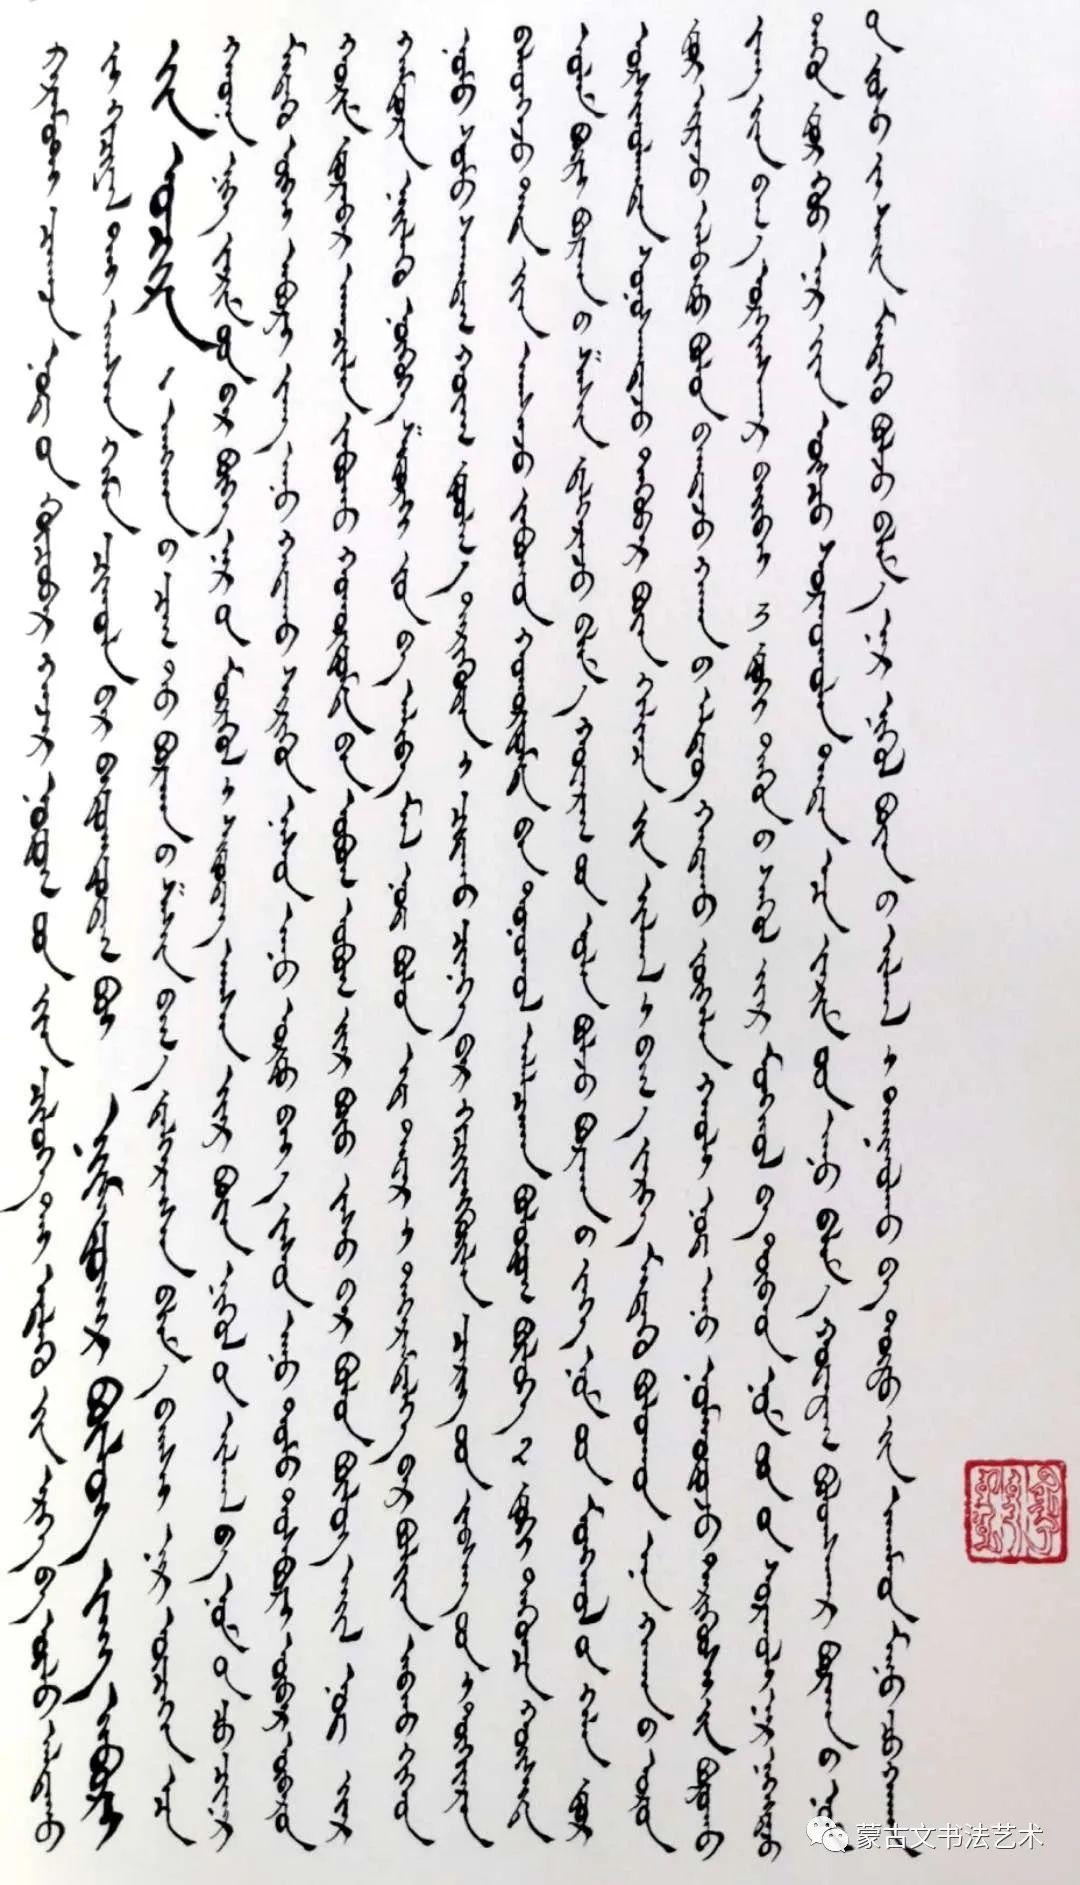 蒙古文经典文献当代书法名家手抄本之斯仁巴图《布里亚特史》 第9张 蒙古文经典文献当代书法名家手抄本之斯仁巴图《布里亚特史》 蒙古书法